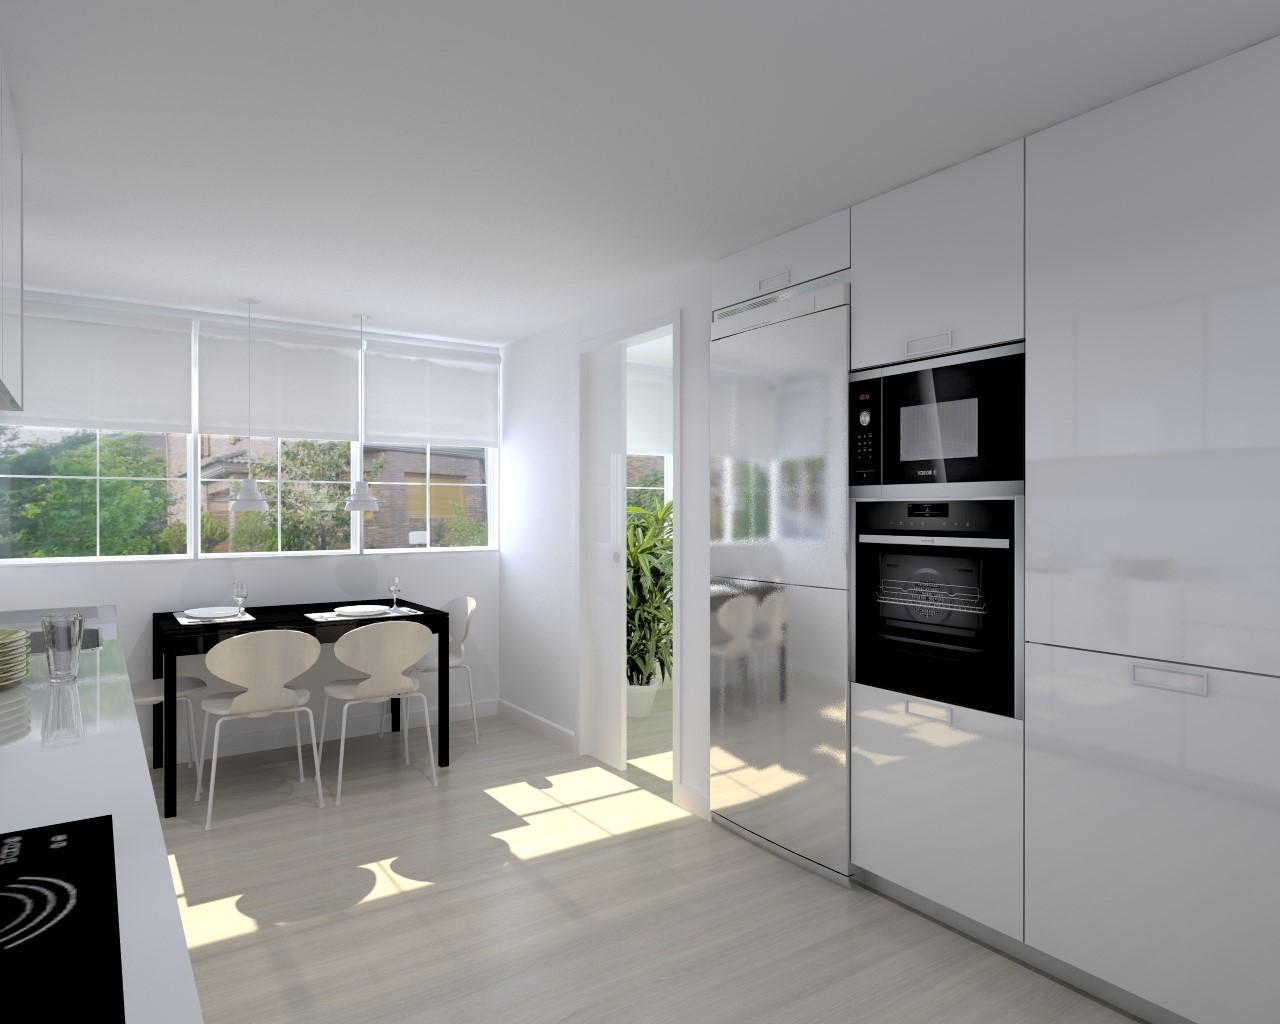 Cocina santos modelo line l blanco brillo estudio cocinas dc for M s mobiliario auxiliar para tu cocina s l